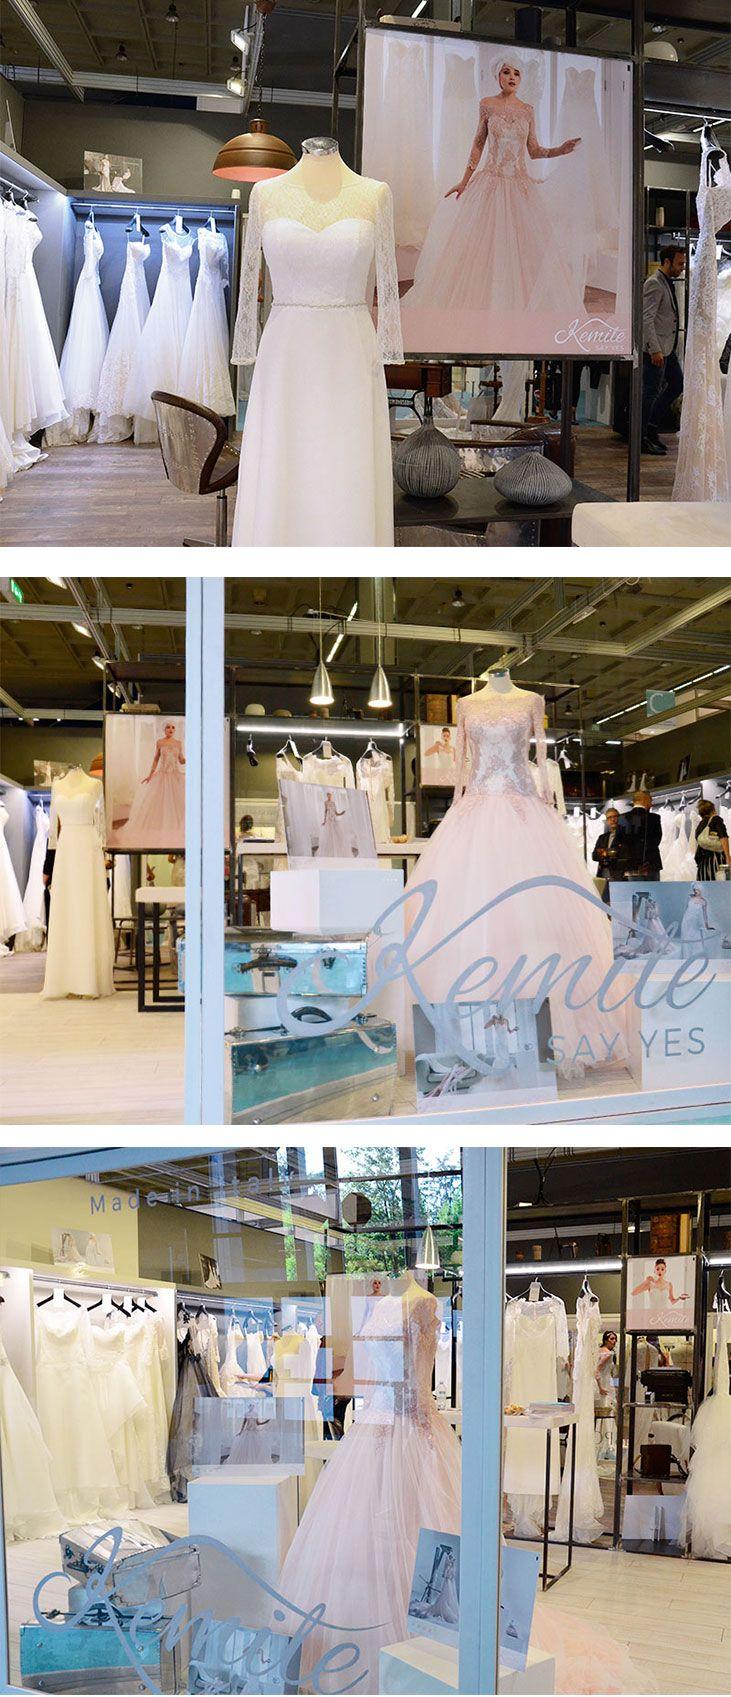 Stand fieristico di @kemilesposa, un progetto #effADV - @kemilesposa #boothdesign, effADV project #stand #booth #weddingdress #bridal #madeinitaly #italianstyle